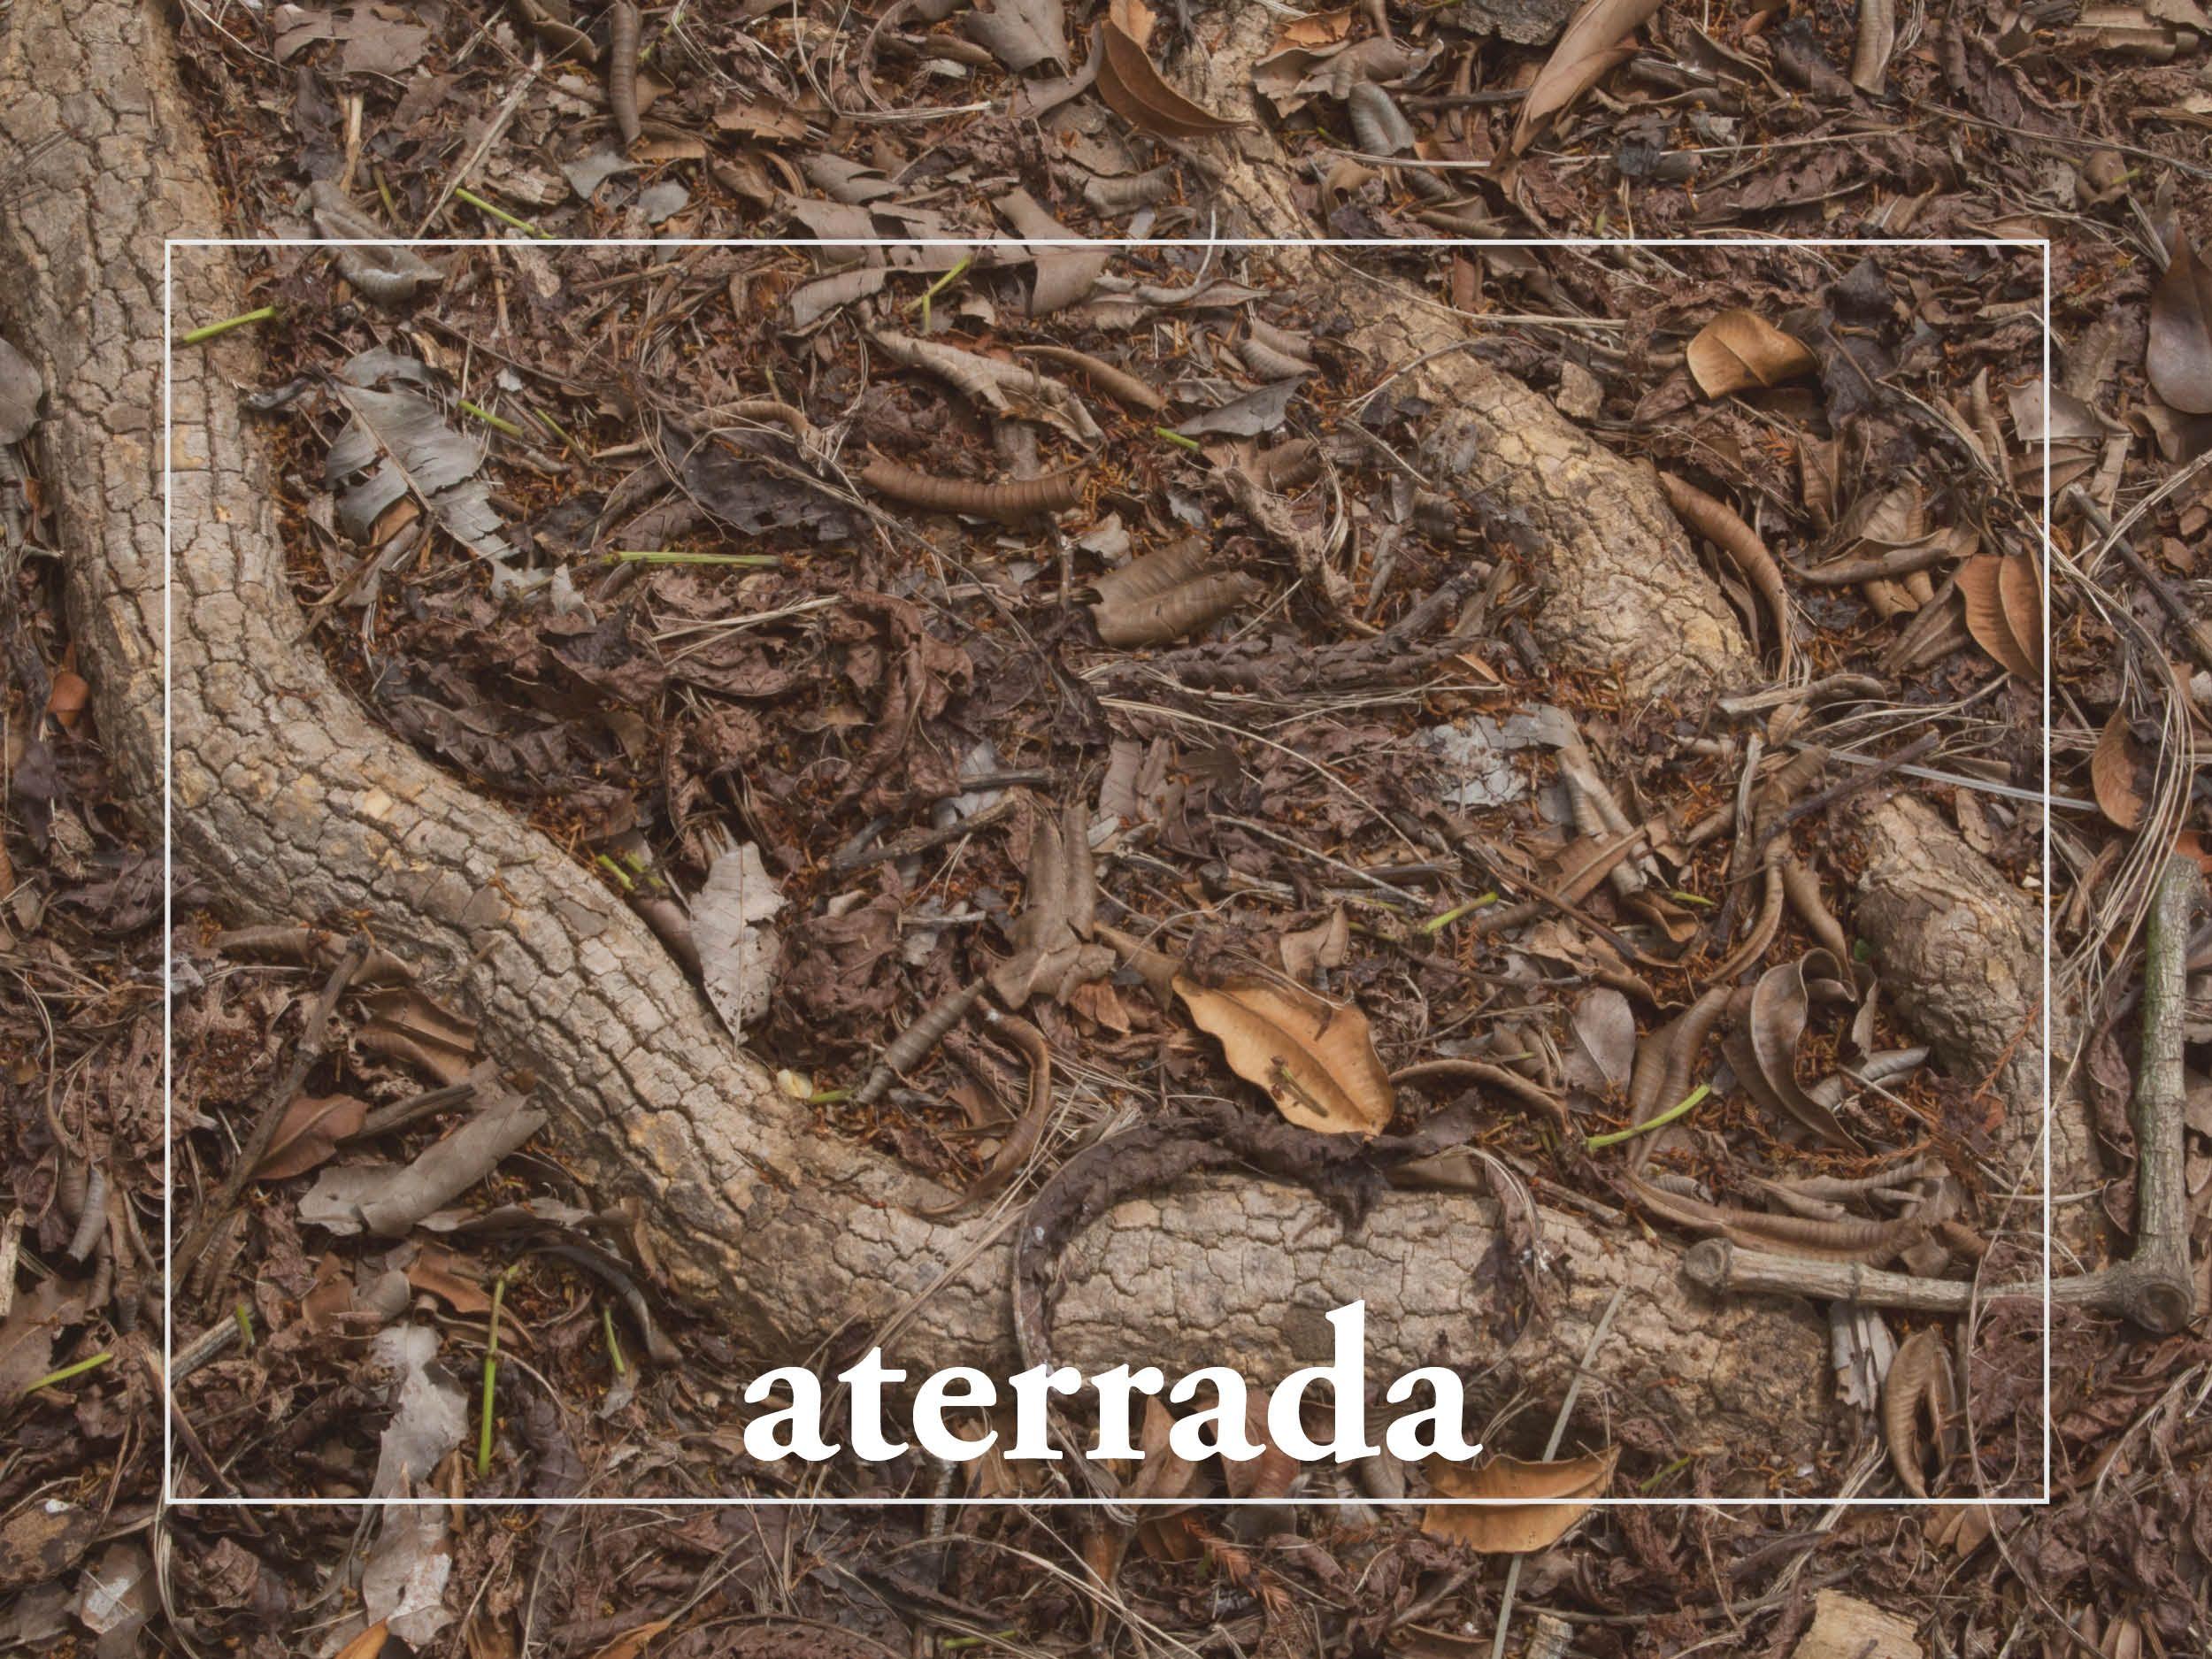 Aterrada crie raízes mais profundas já se sentiu desconexo com a